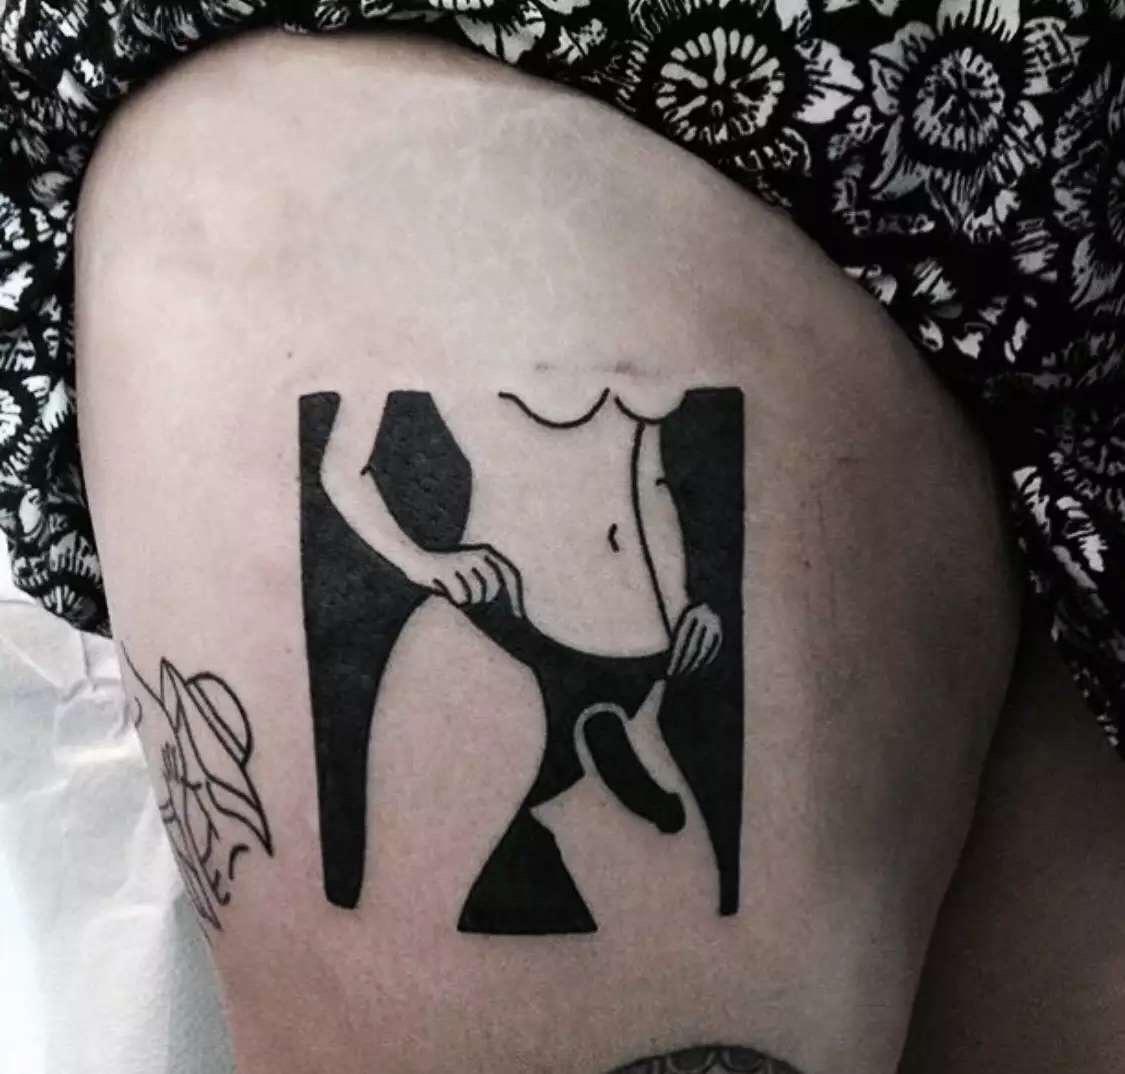 但如果仔细观察,我们会发现这款纹身图案背景是黑色实心,美女的身体是